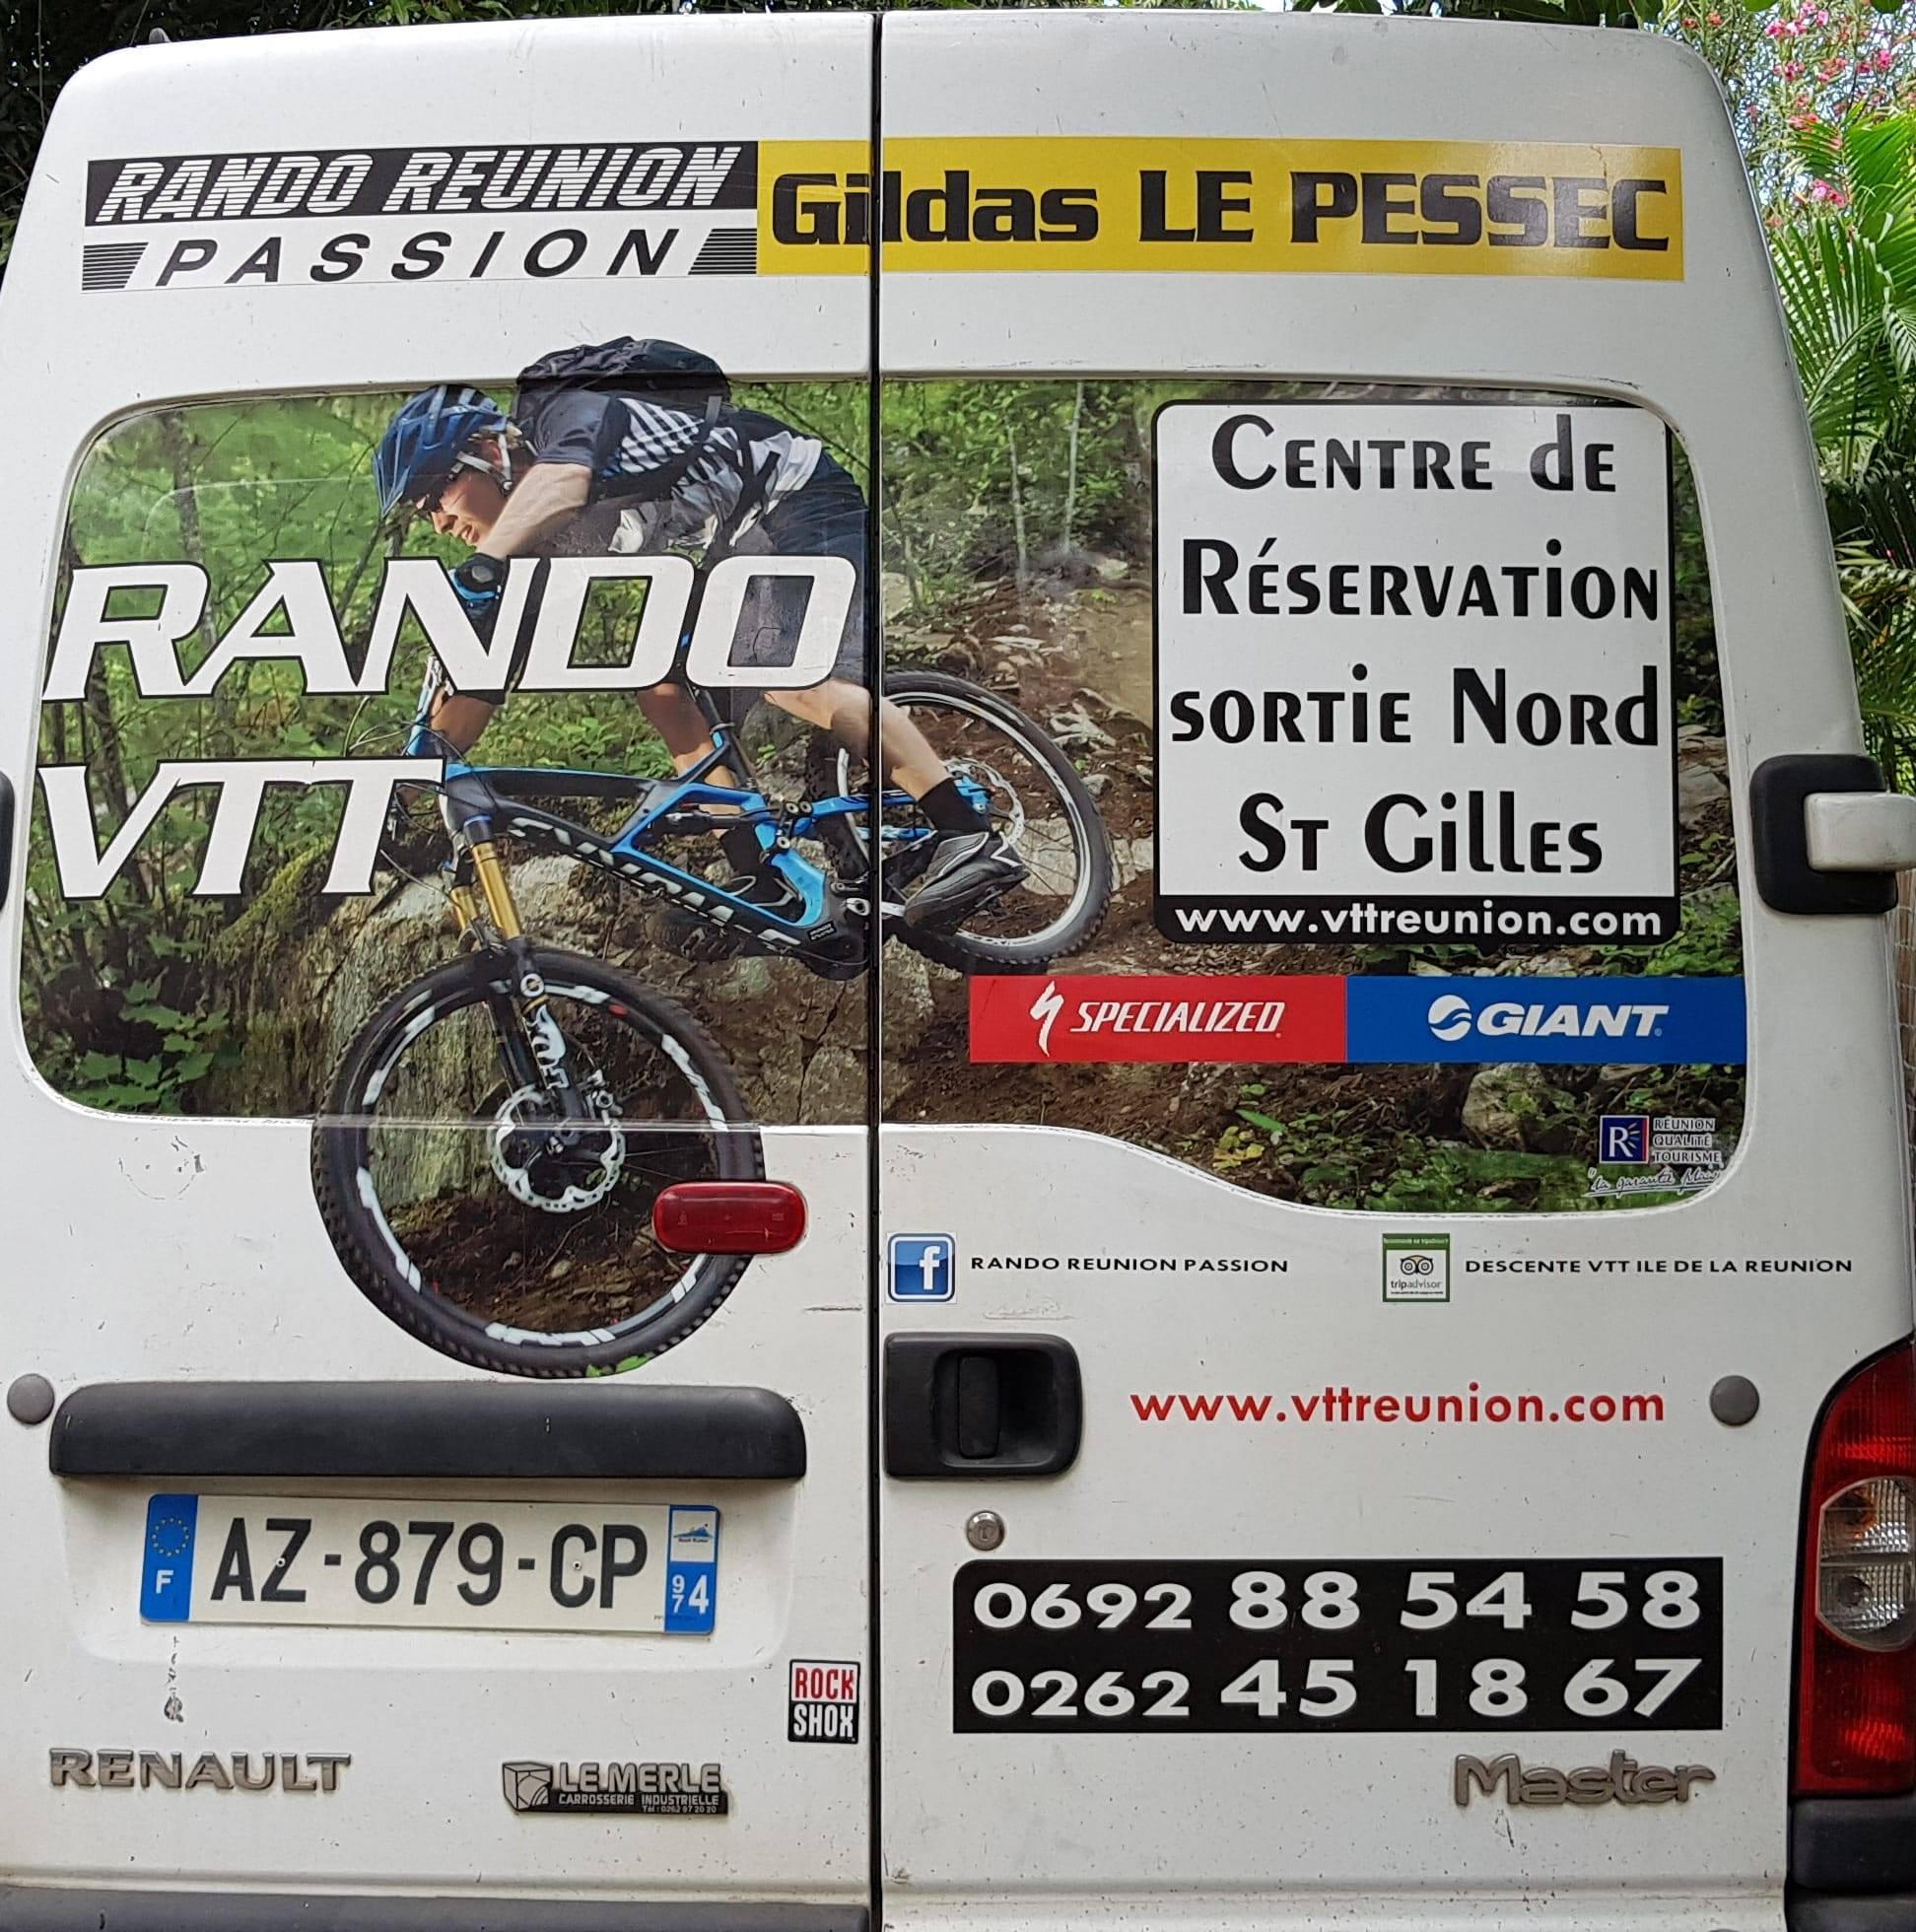 CYCLES GILDA LE PESSEC - RANDO REUNION PASSION - Vélos - OUEST La Réunion 974